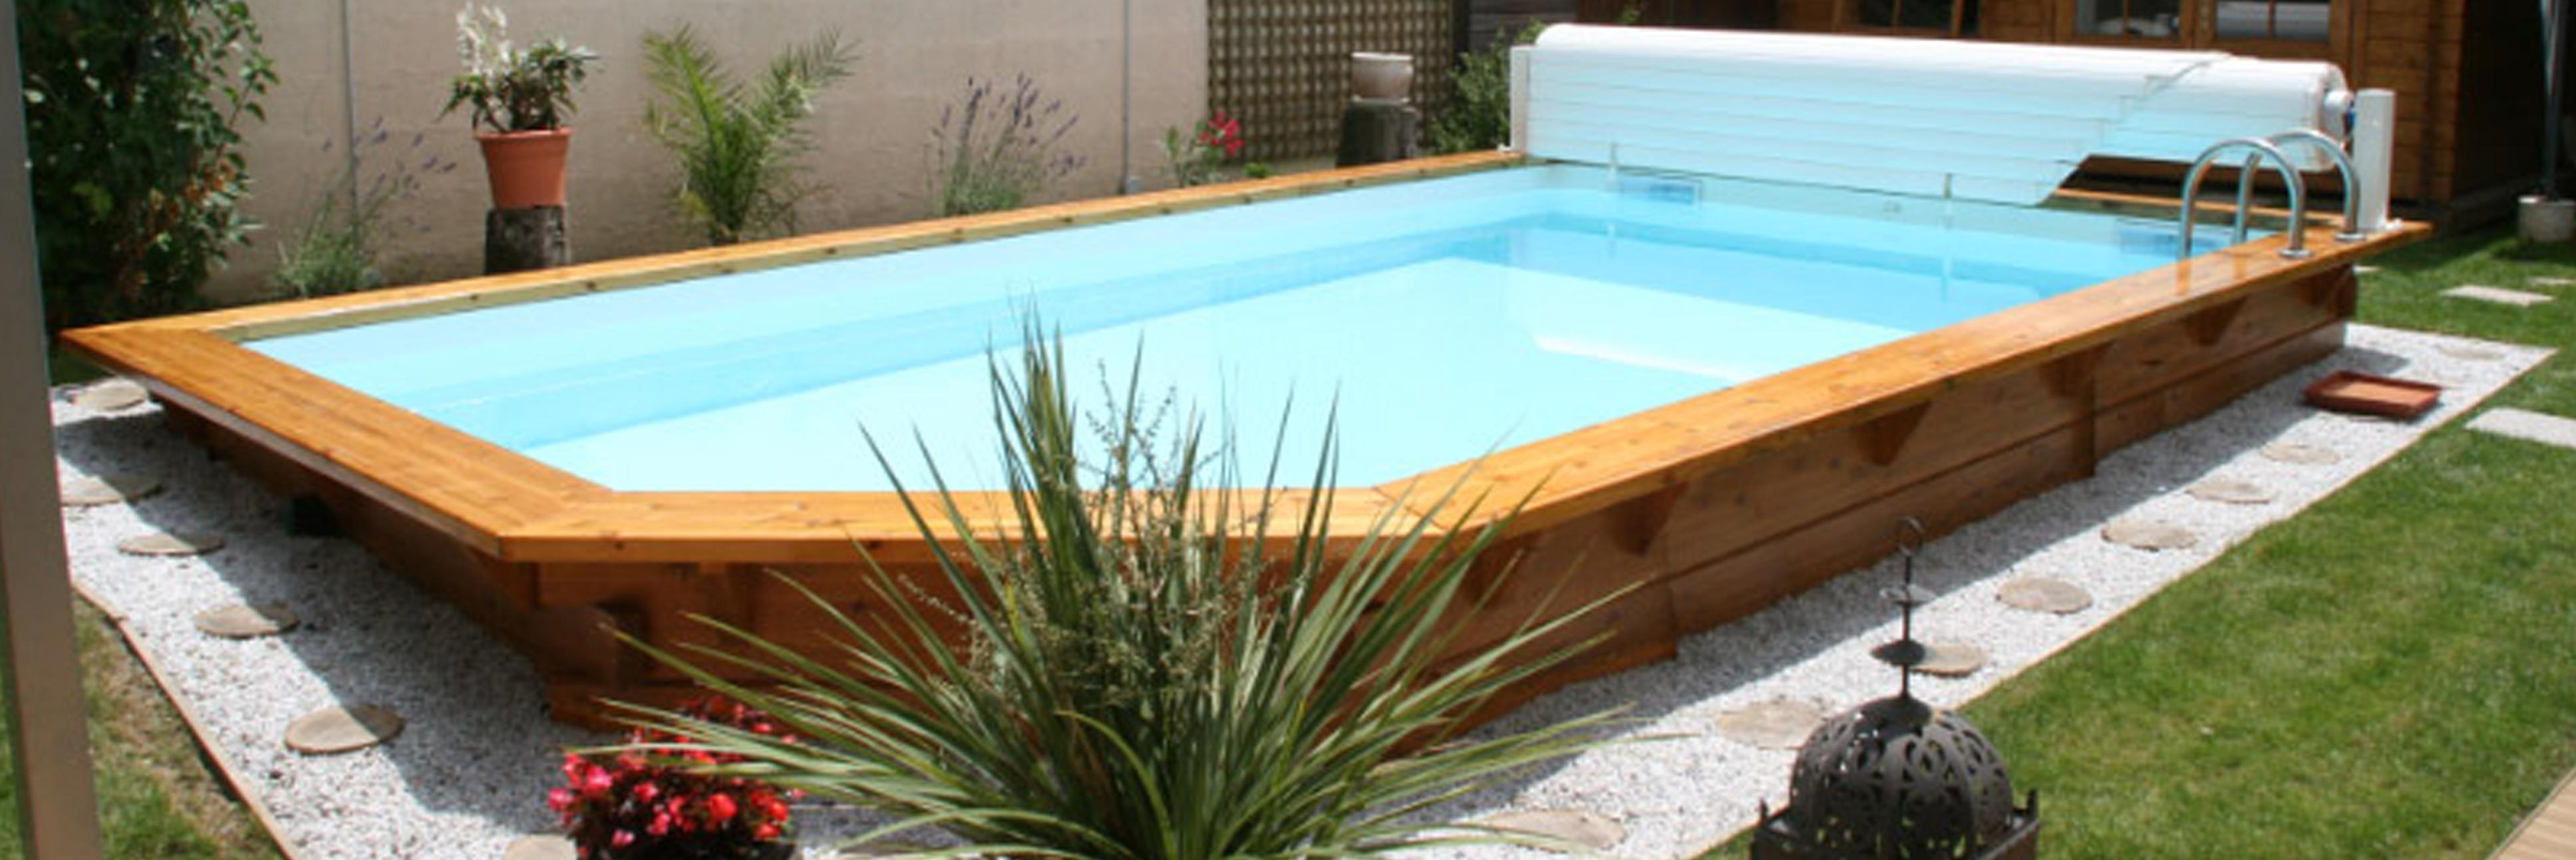 Piscines concept bois am nagement d 39 espace de bien tre for Piscine non enterree